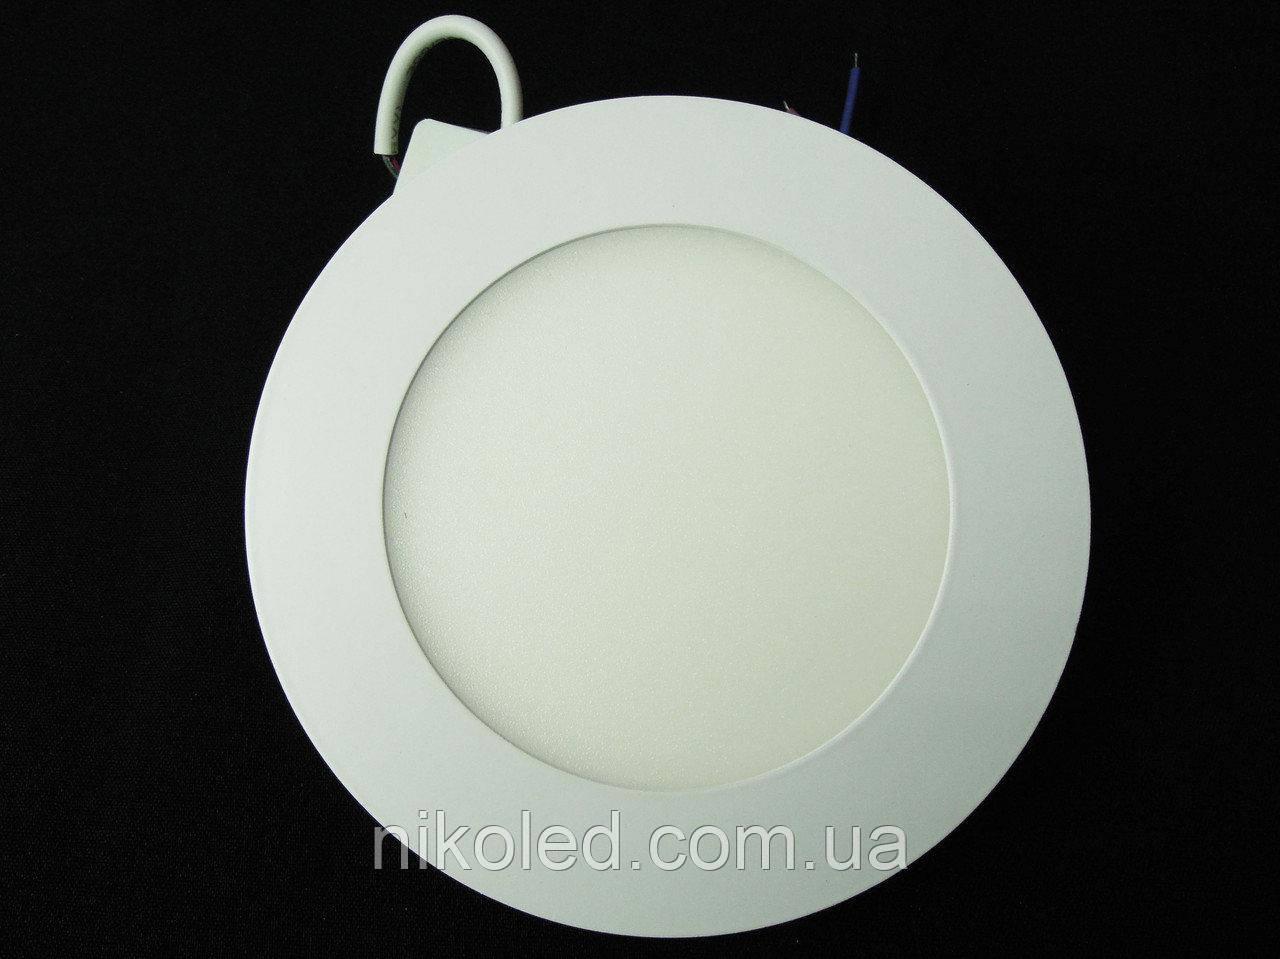 Світильник точковий Slim LED 9W круглий Теплий білий